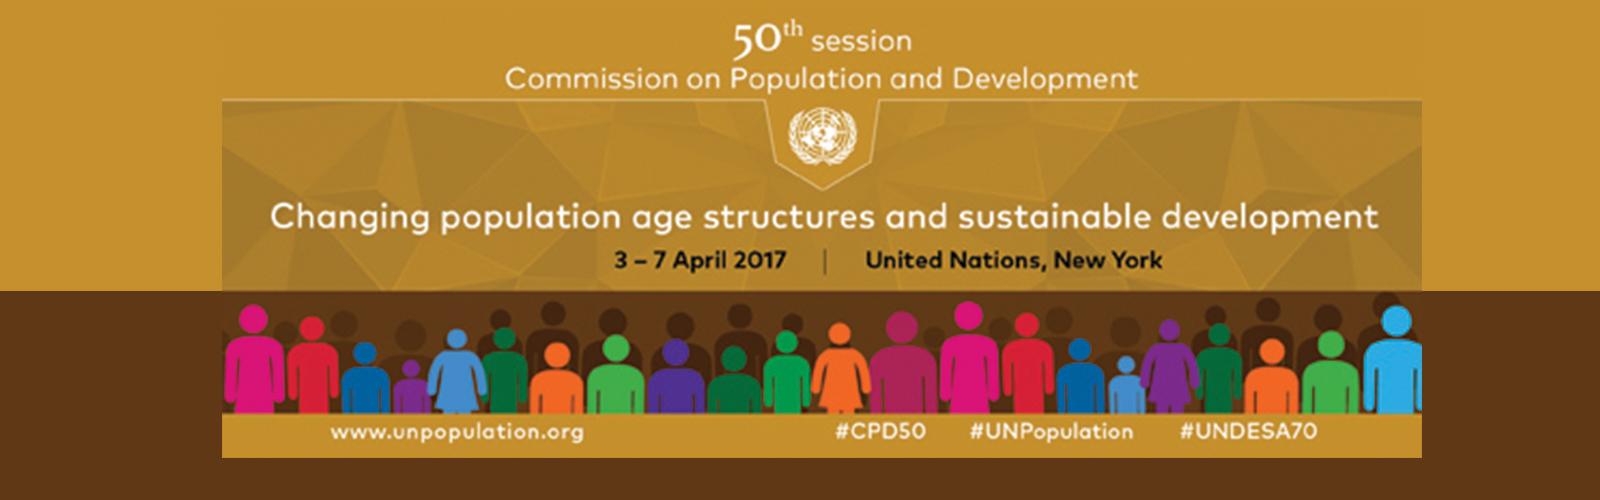 Photo of Ce NU scrie presa: Țările membre ale Comisiei ONU pentru Populație și Dezvoltare au respins din nou educația sexuală explicită și promovarea agresivă a avortului ca strategii ONU